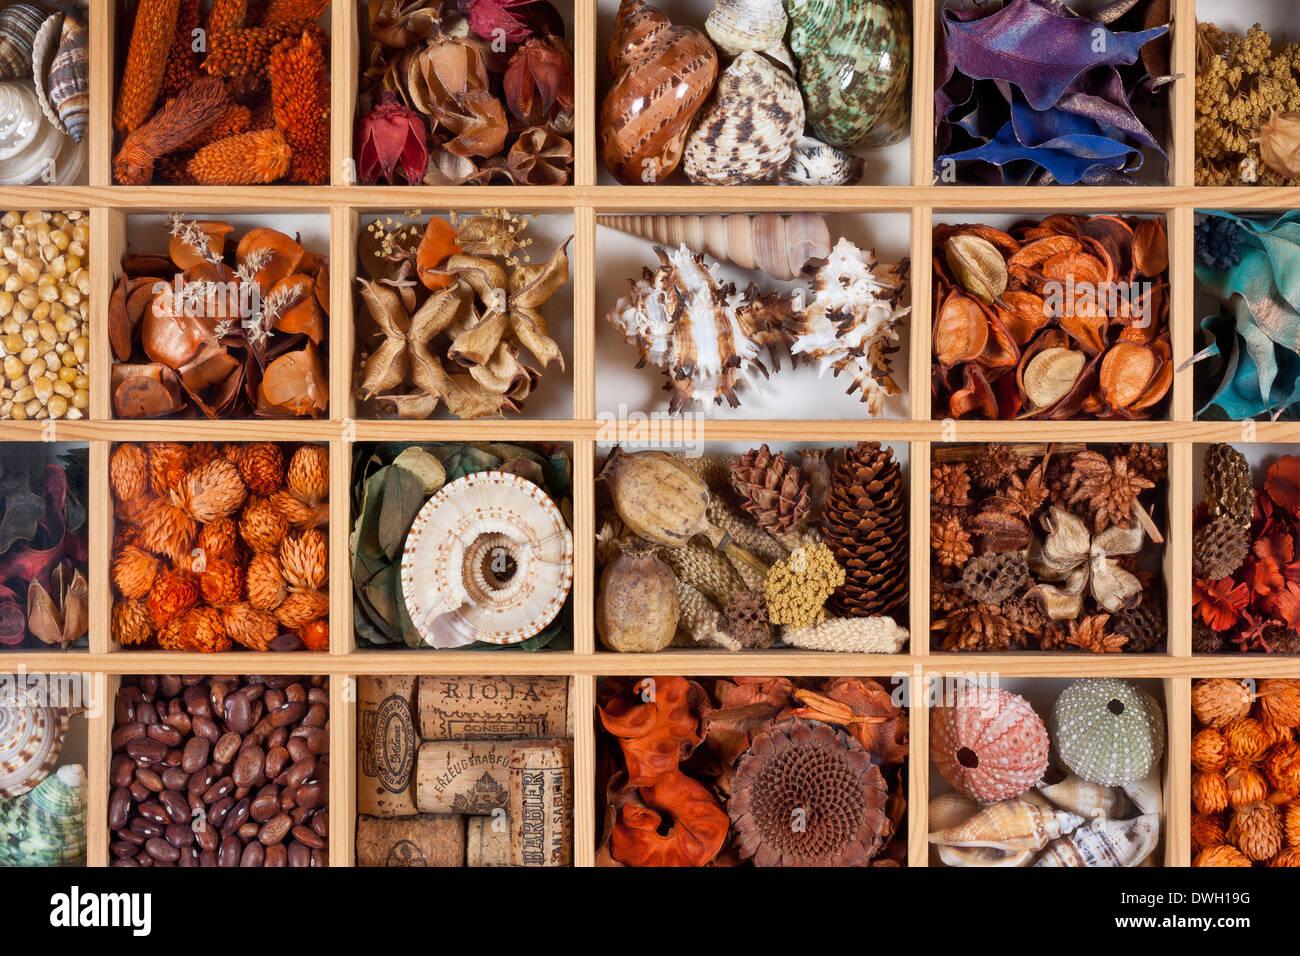 Arts & Crafts - Hobby de hacer fotografía muestra de conchas, flores secas, semillas, CORCHOS, etc. Imagen De Stock